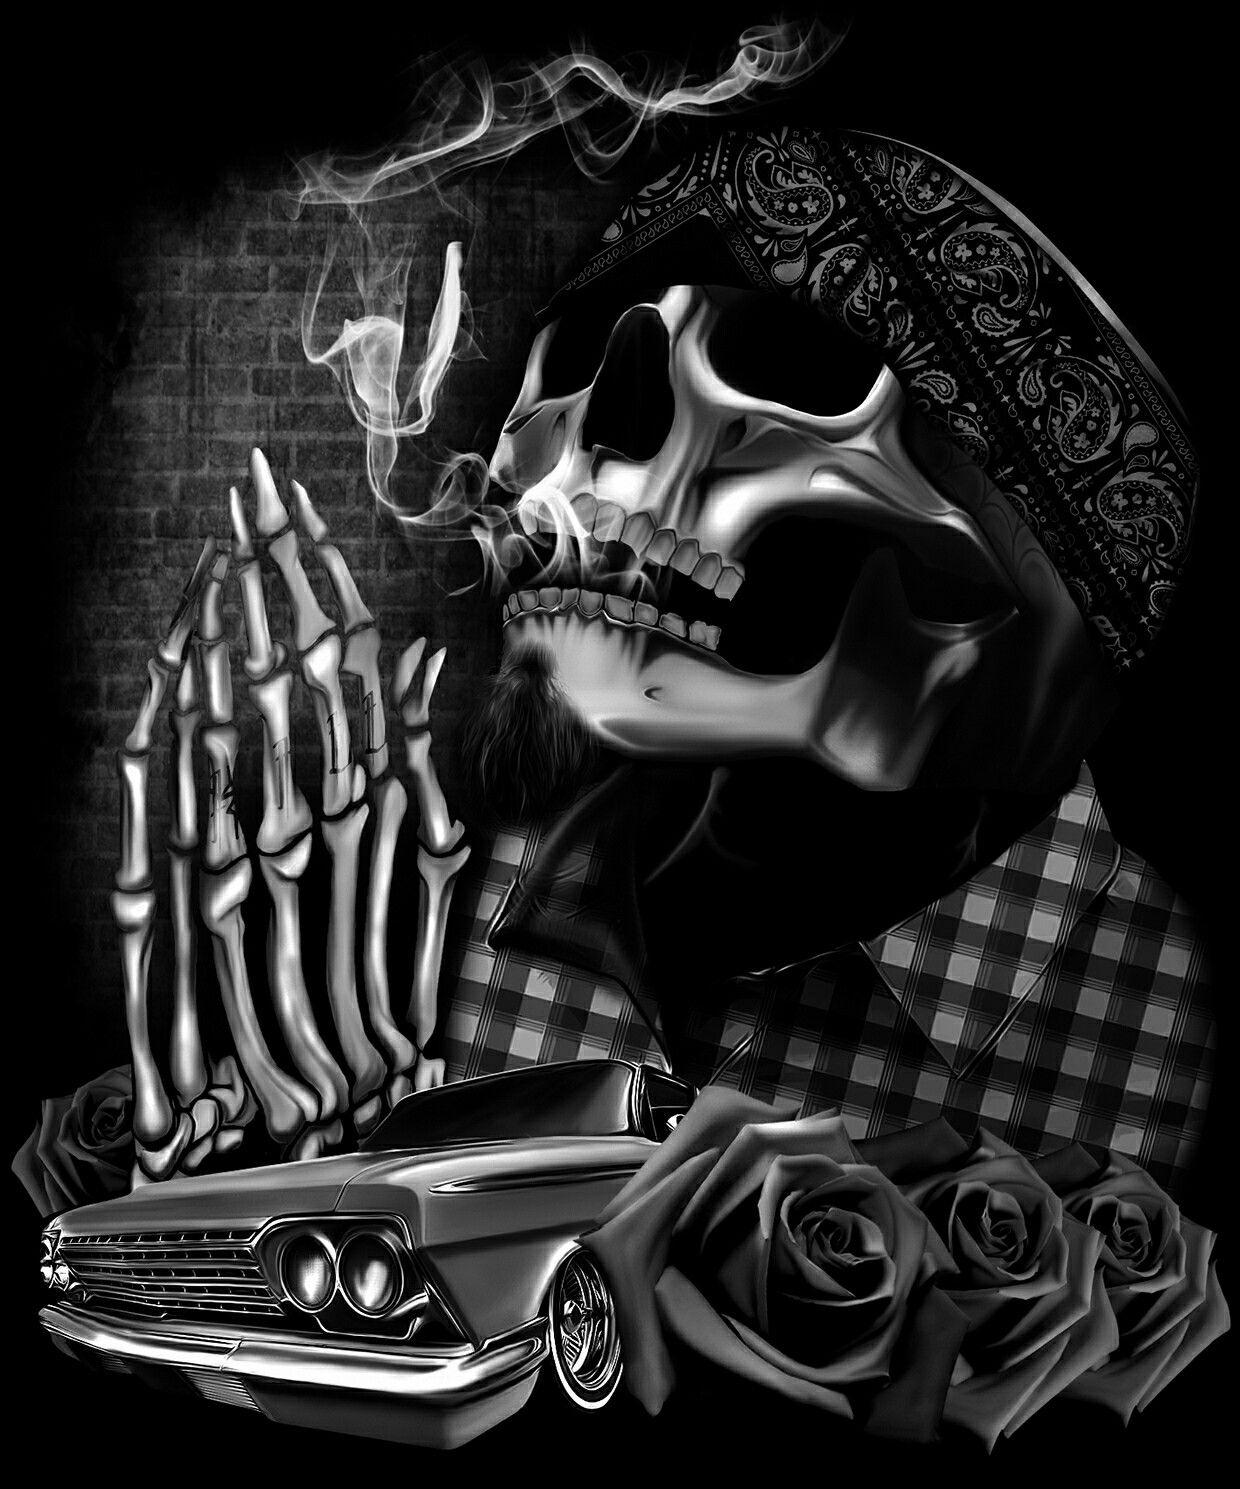 Tattoo Calacas Imagenes De Marihuana Chidas Wwwmiifotoscom